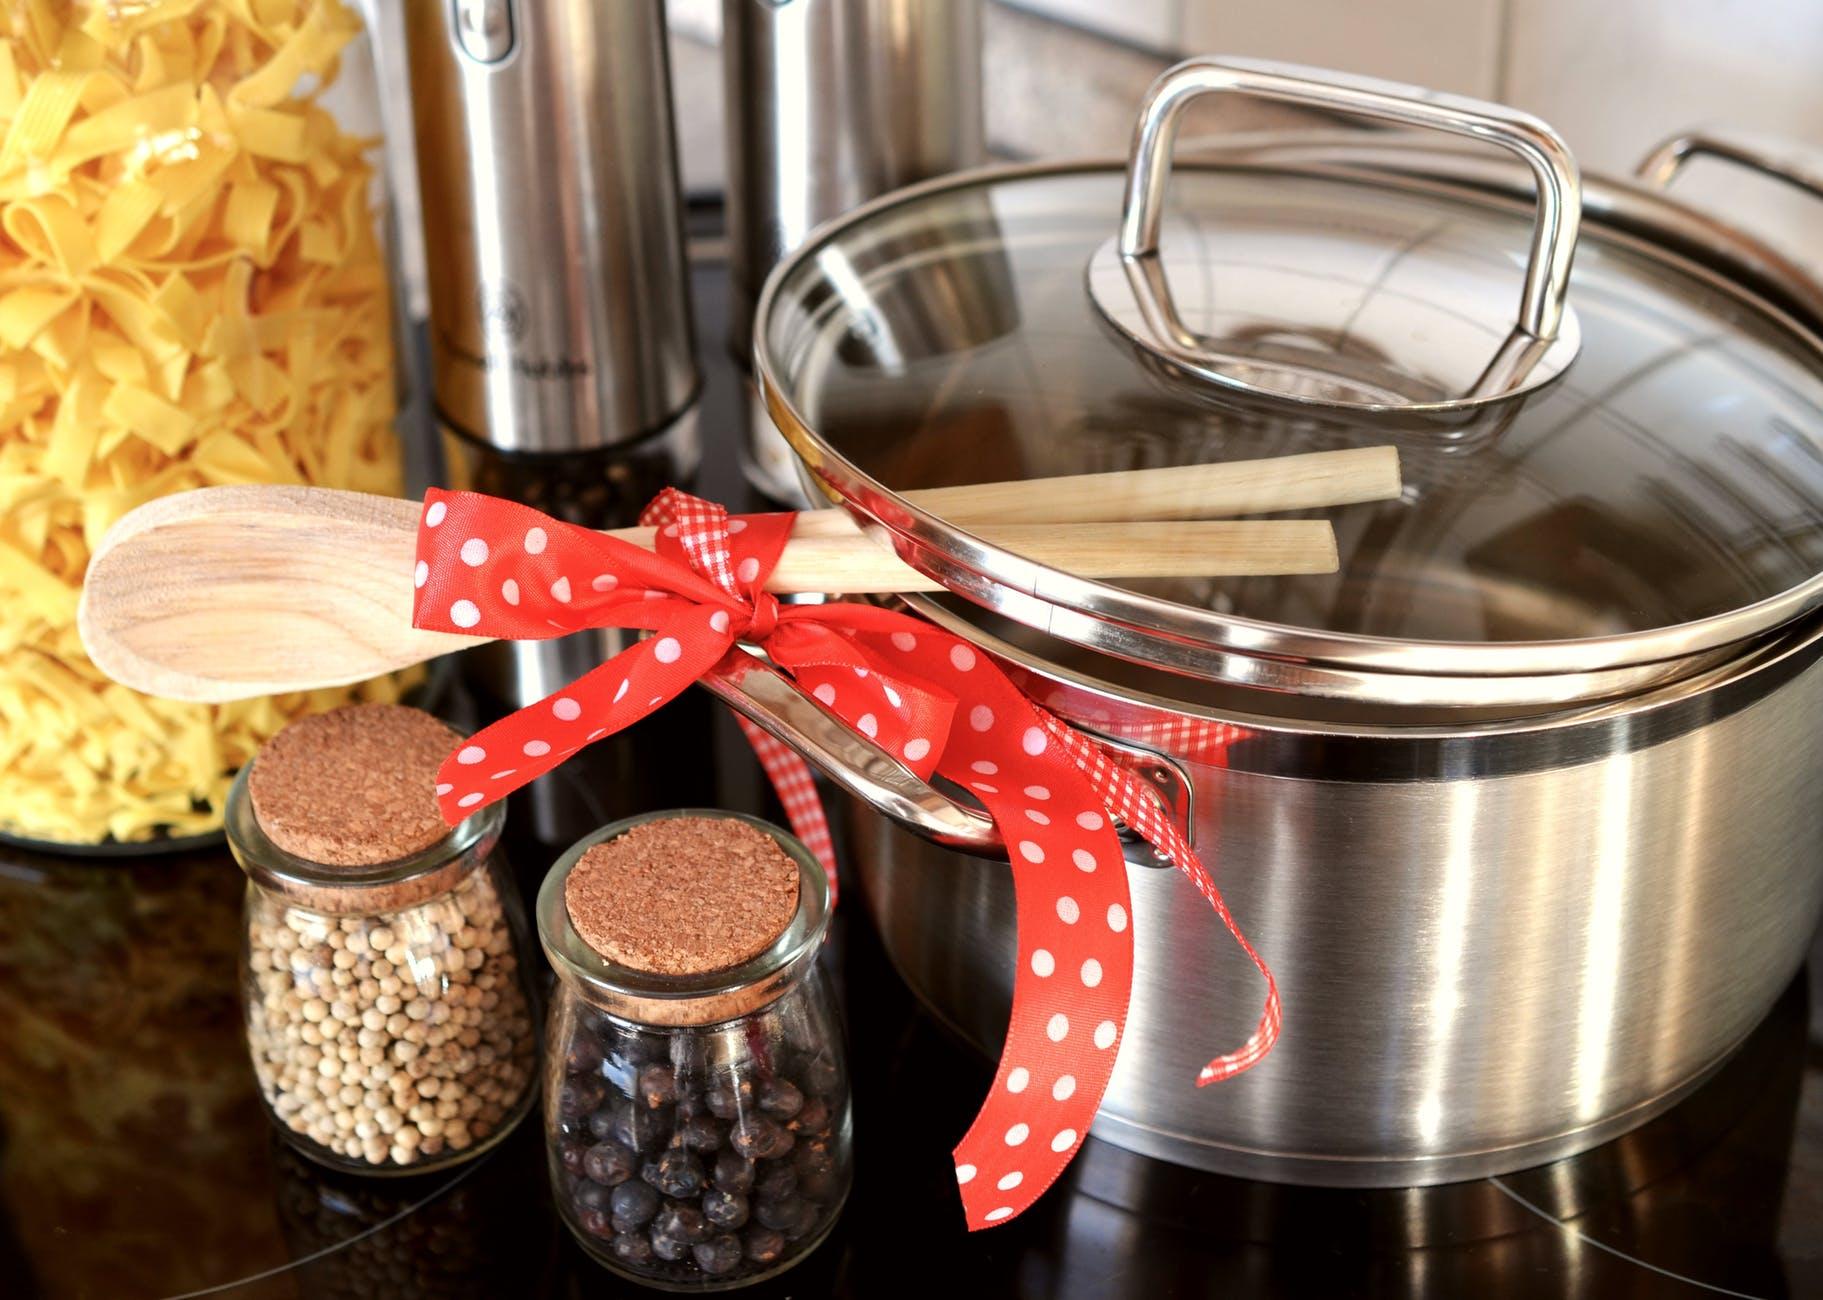 מתנות למטבח – הגיע הזמן שתפנימו